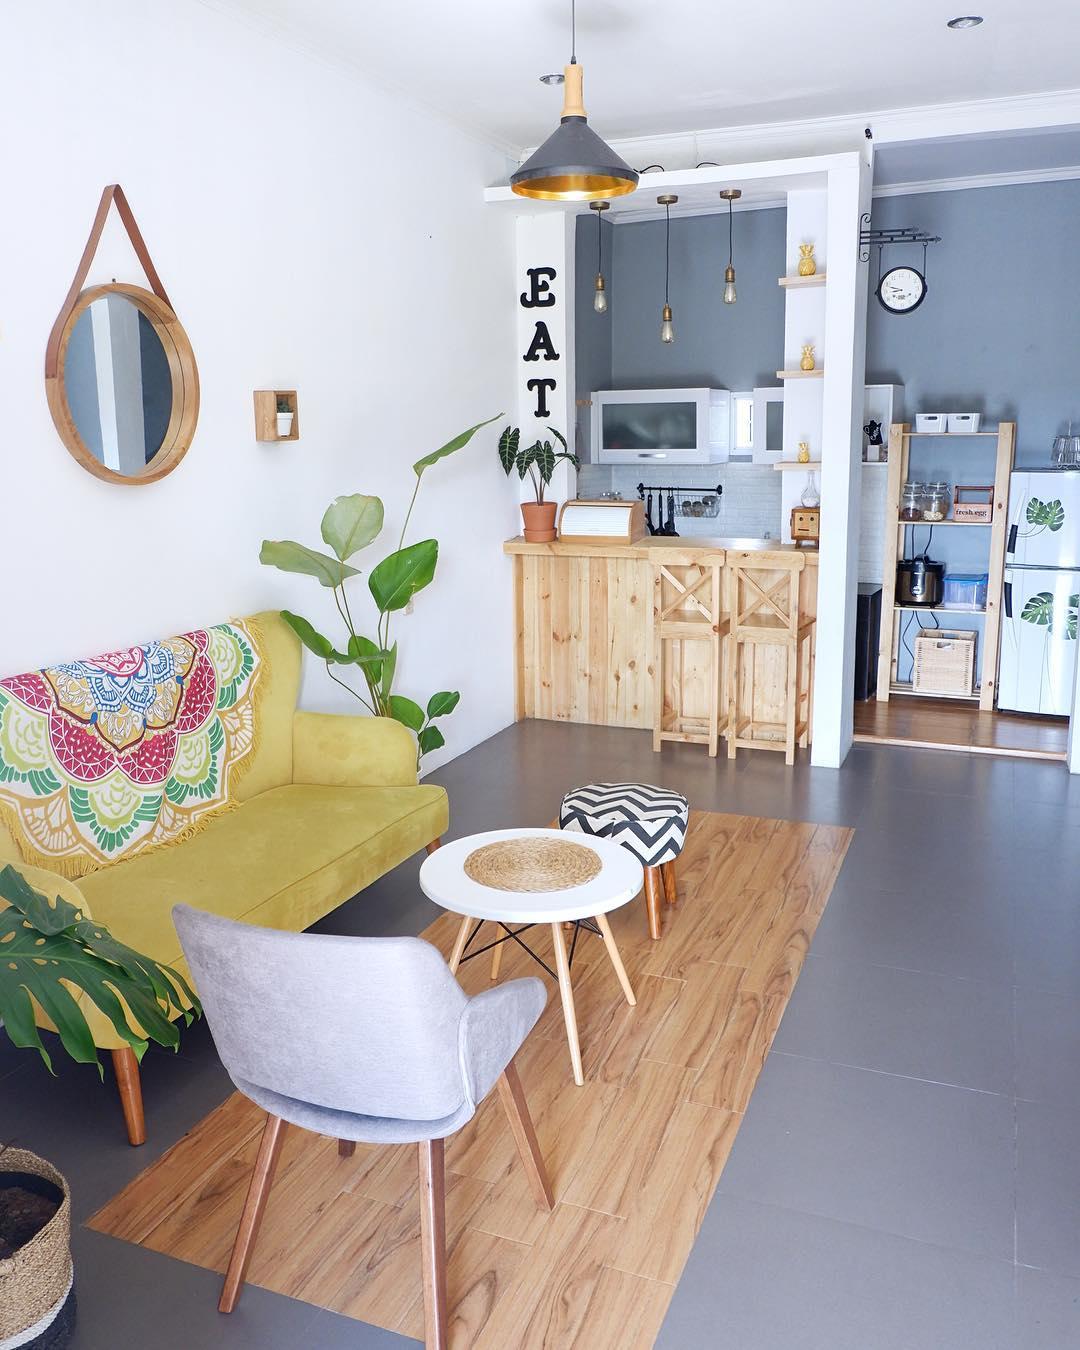 Dekorasi Rumah Minimalis Dengan Warna Warna Retro Kembali Hits